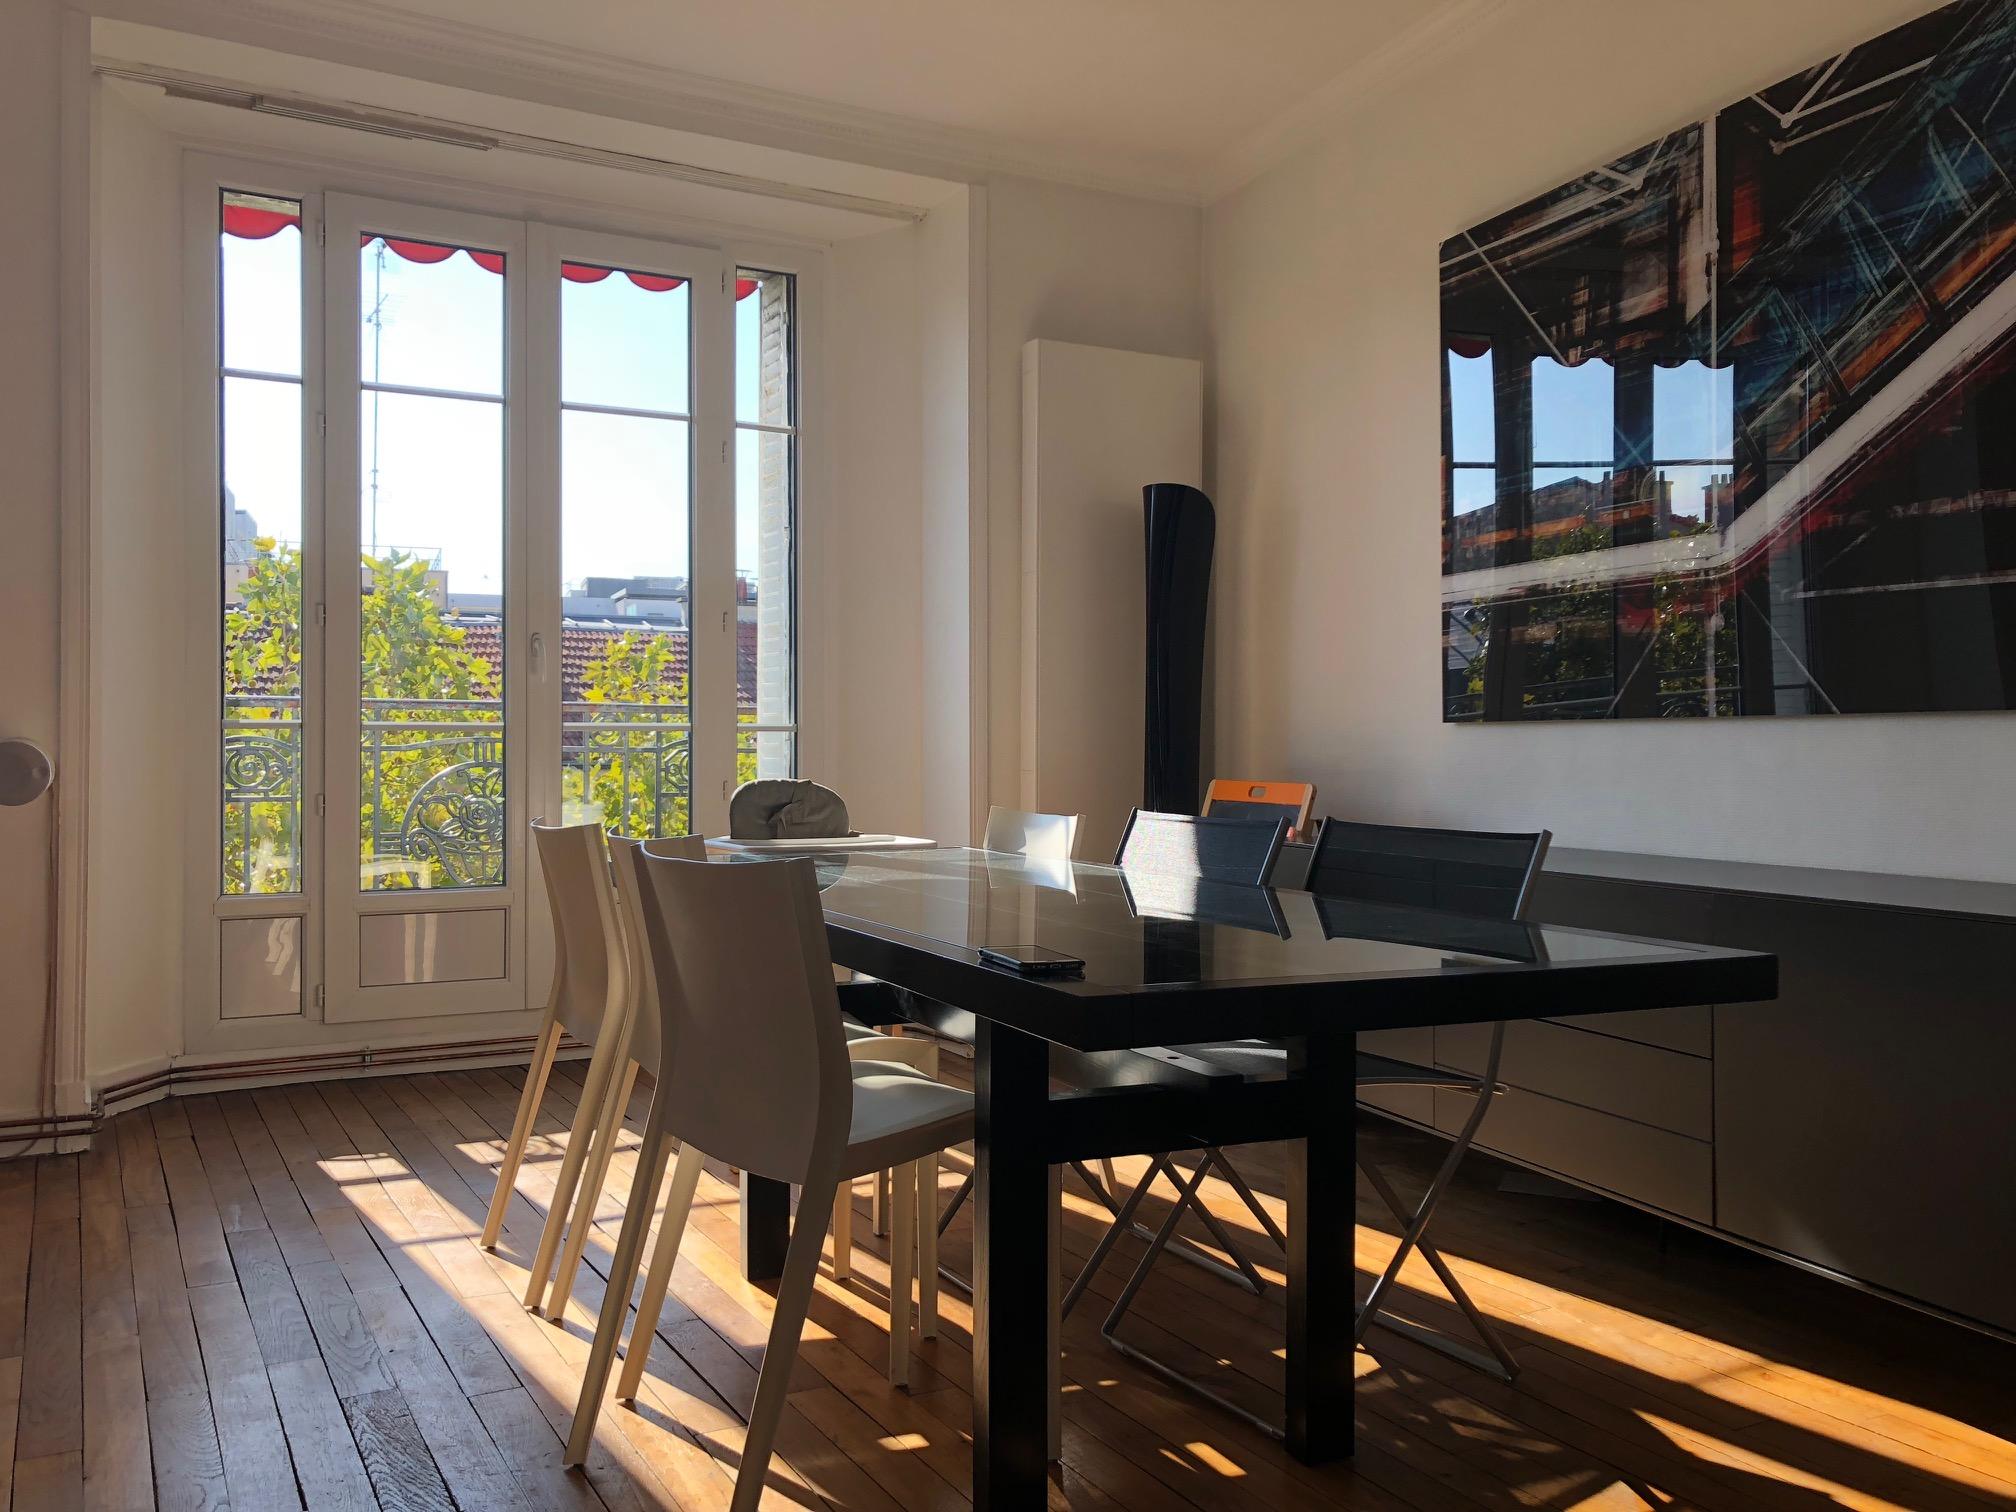 la-clef-des-villes-agence-immobiliere-boulogne-billancourt-photo-diner-familiale